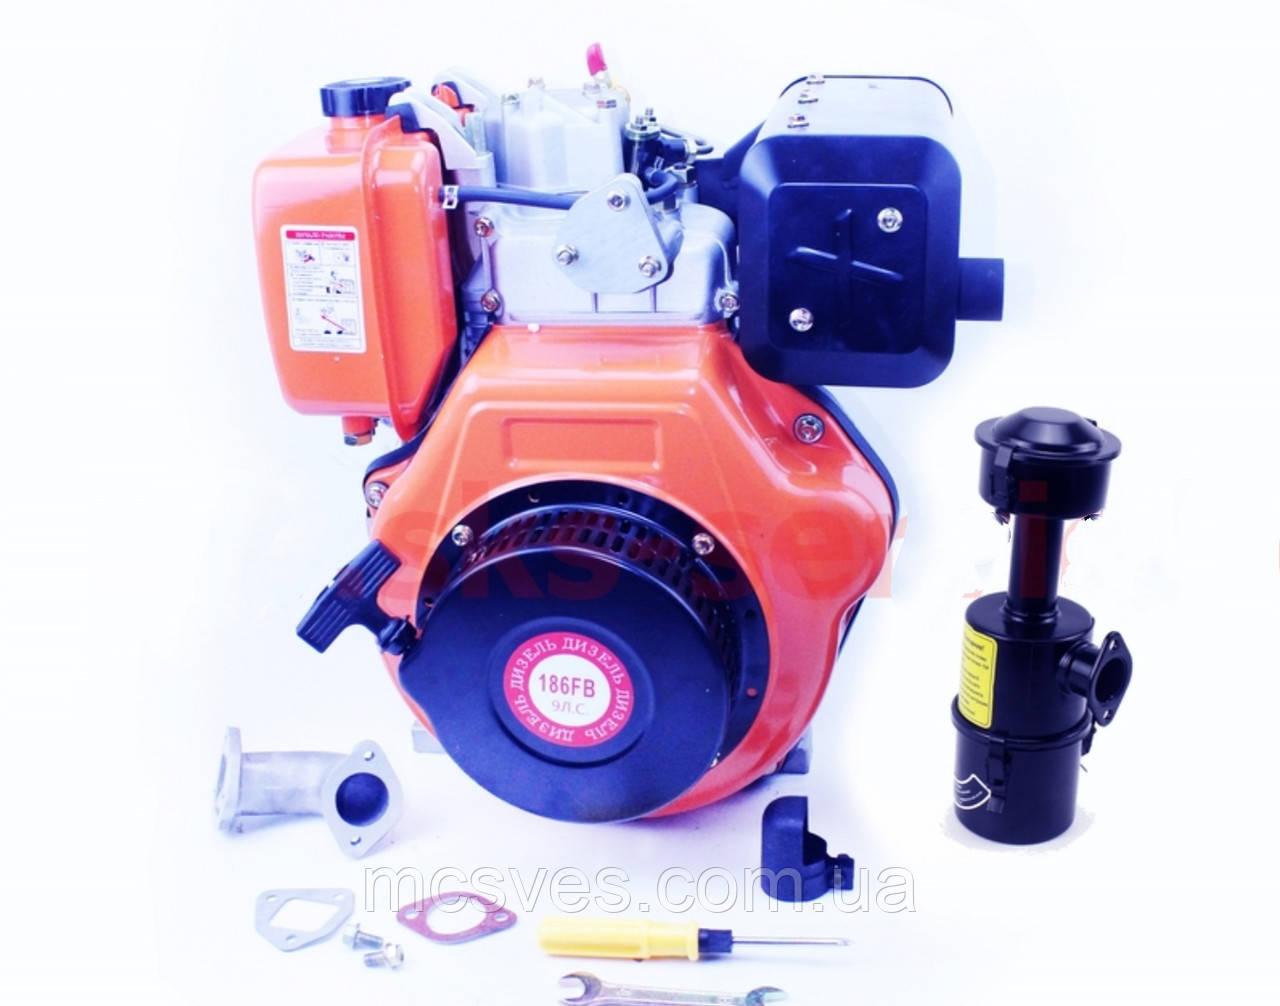 Двигатель мотоблочный ДИЗЕЛЬНЫЙ в сборе под шлиц 25мм 9л.с. 186FЕ (HT-135)